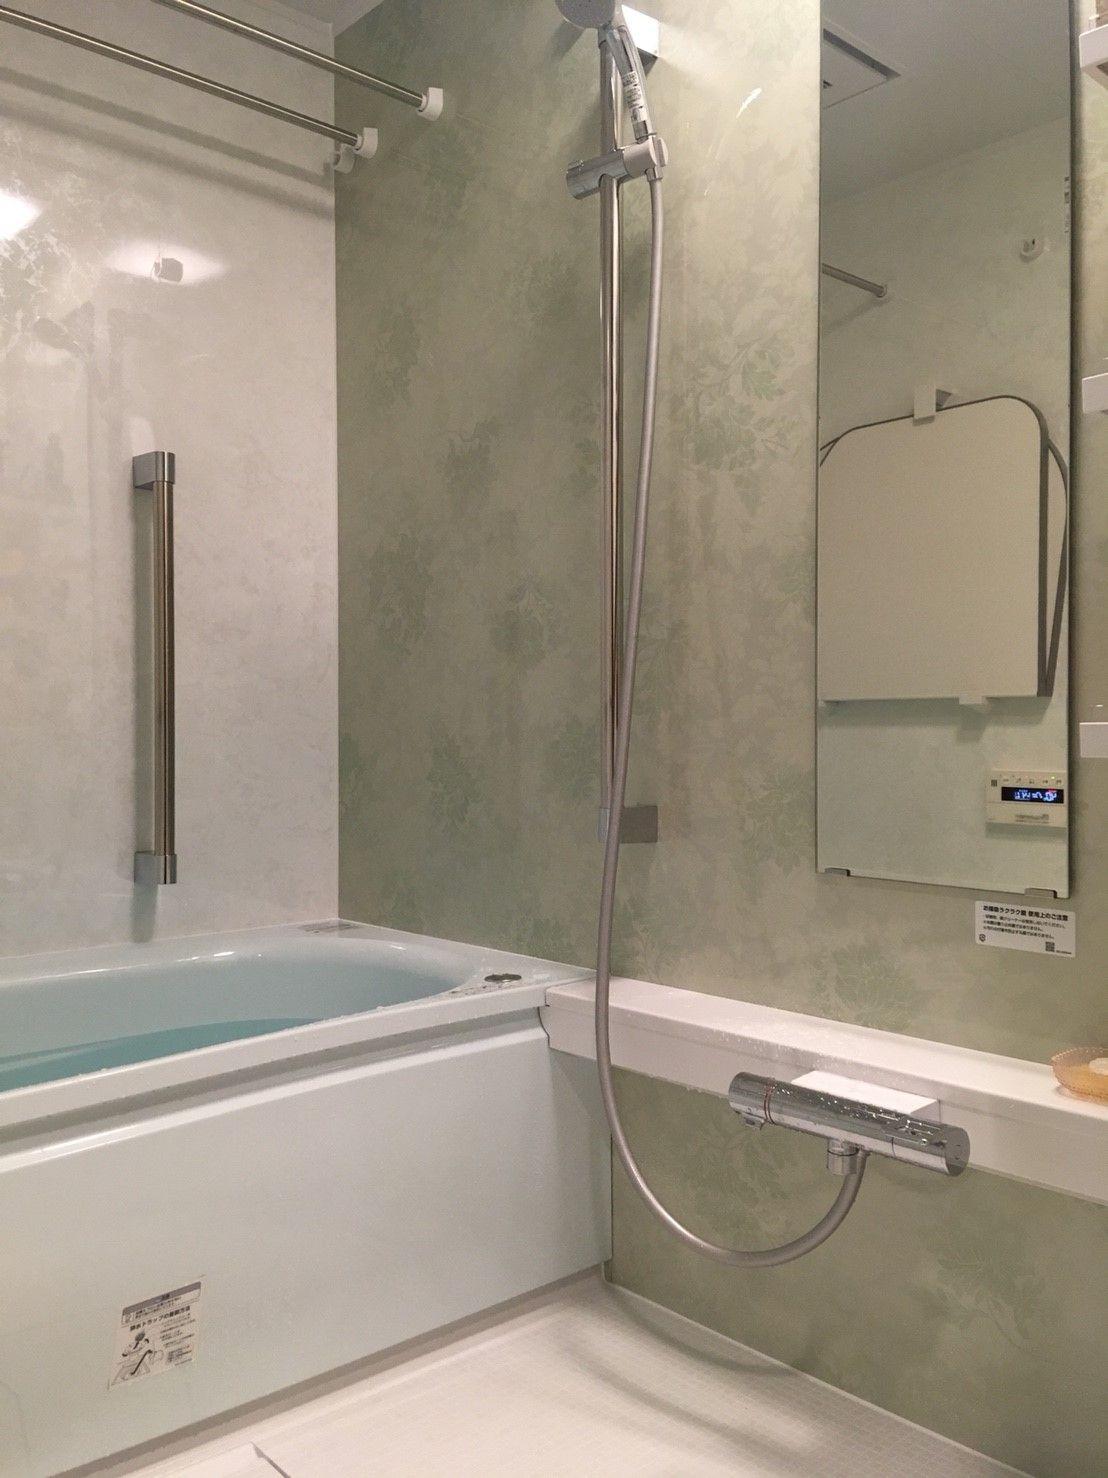 お風呂のサイズアップ Toto Wg 1317サイズ 浴室 インテリア 風呂